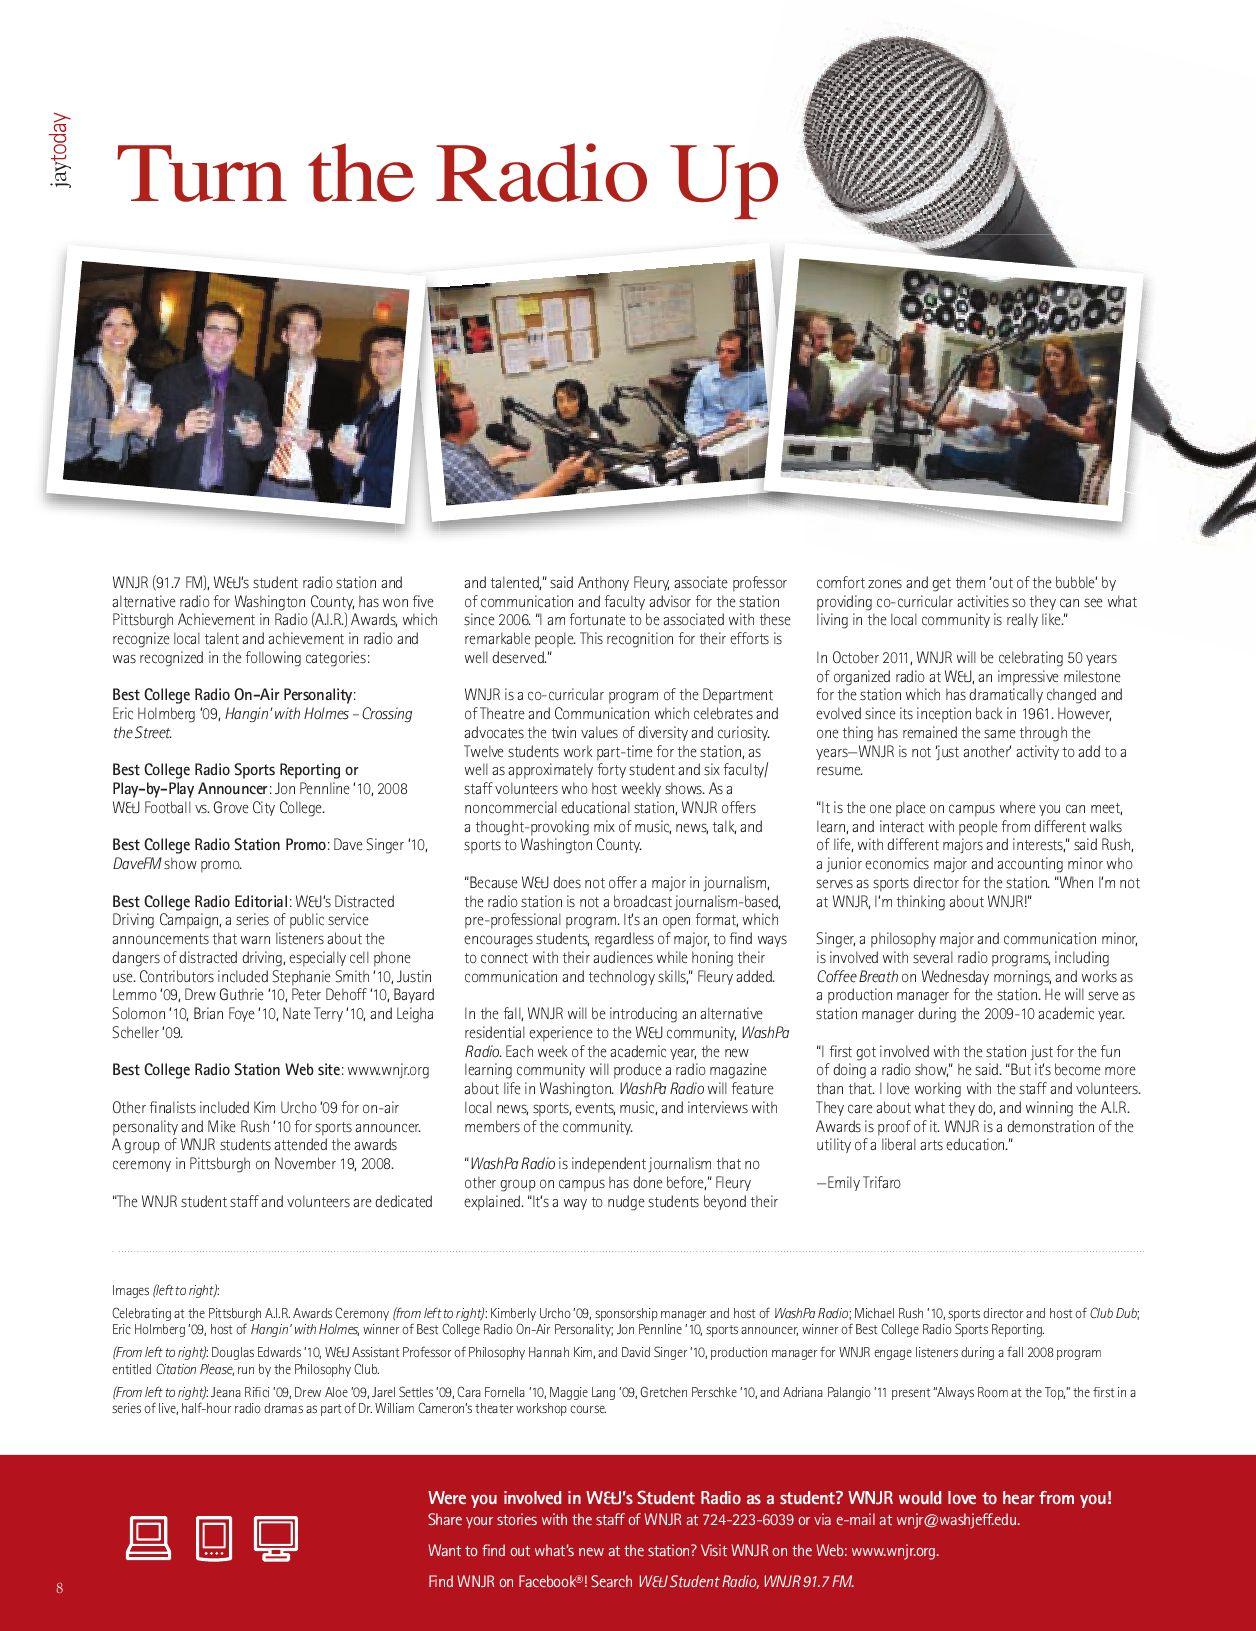 W&J Alumni Magazine - Making Their Mark: Celebrating Our